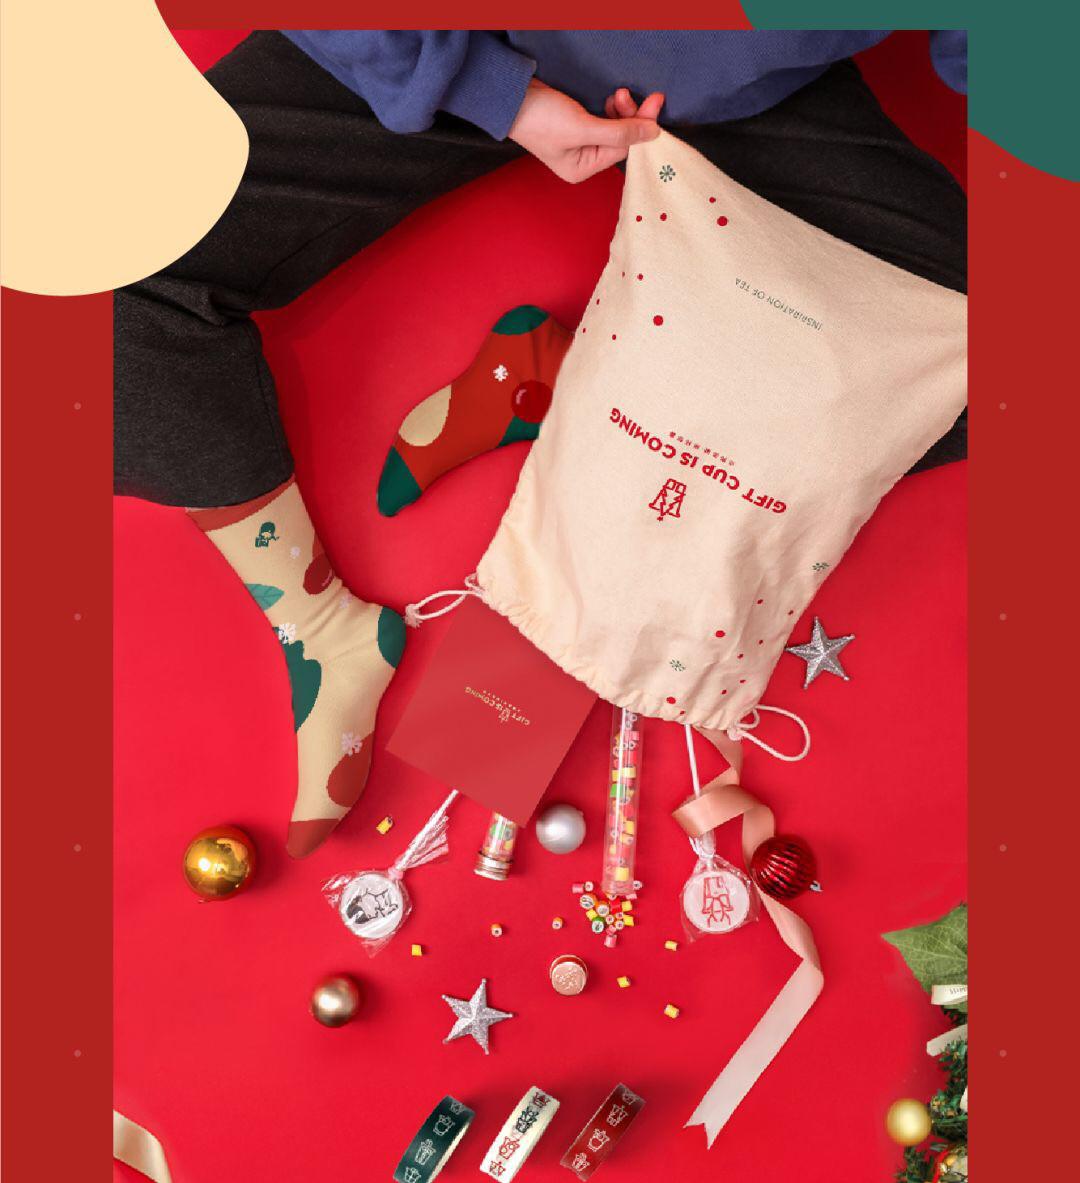 2019如何玩出圣诞仪式感?好玩的圣诞营销案例盘点-小苏-每日微信精选